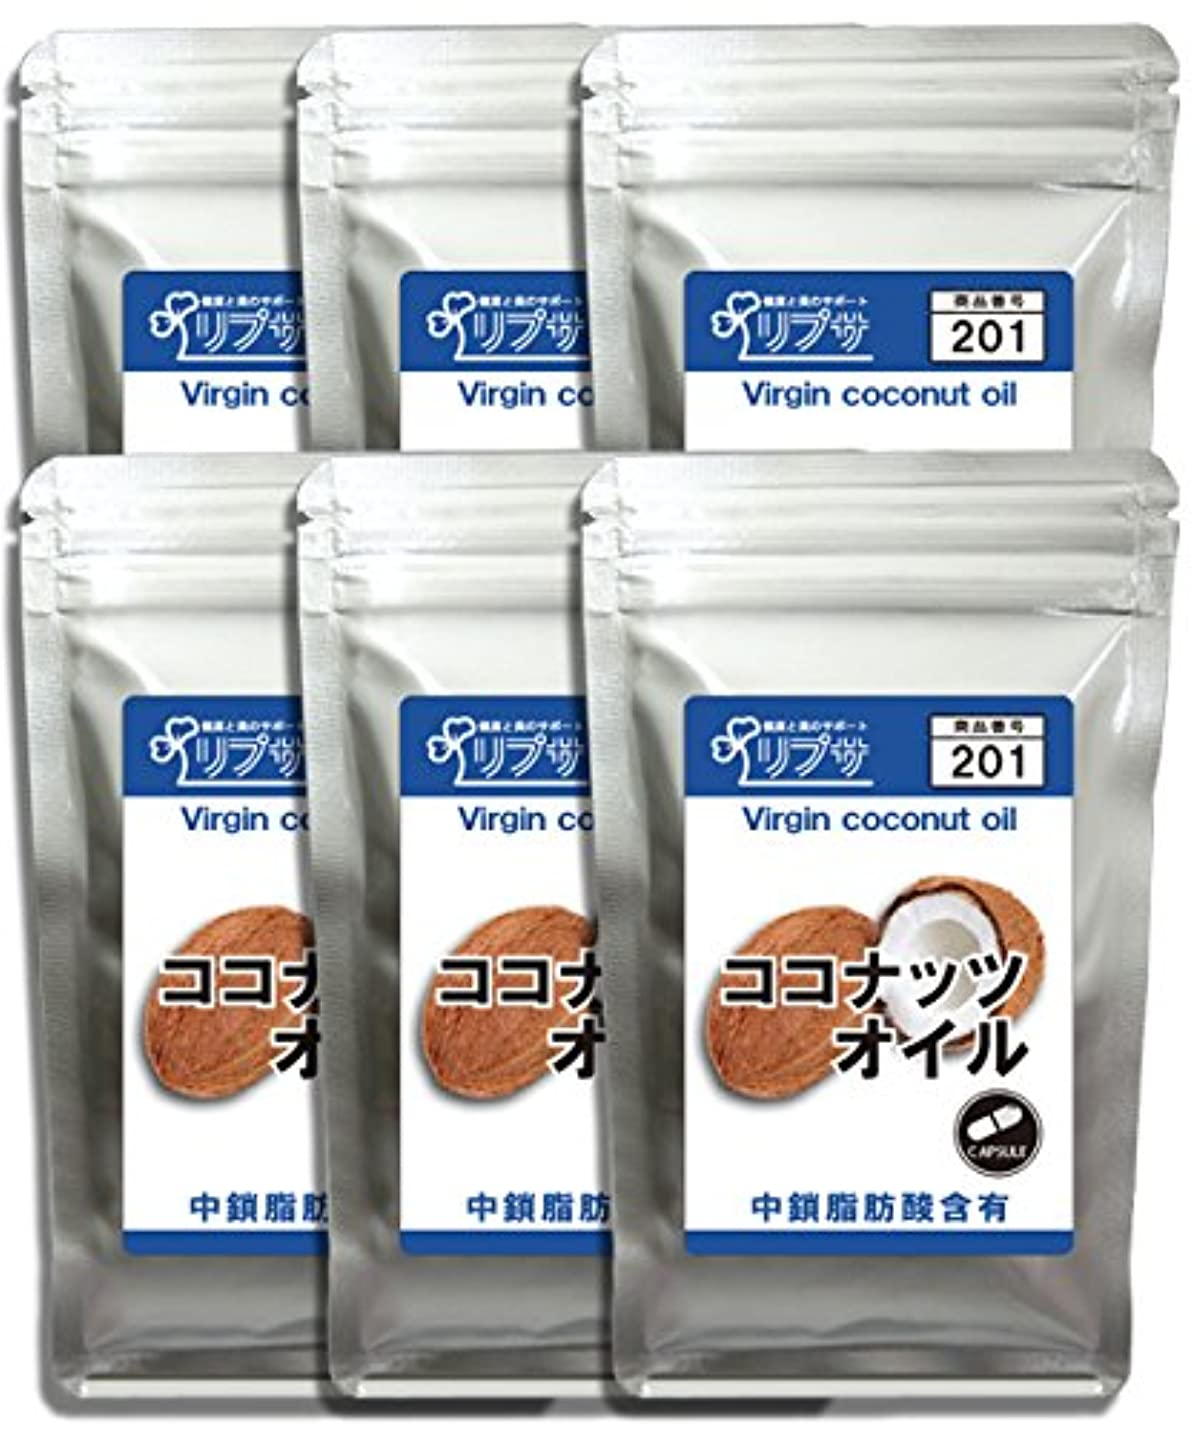 まつげドロップ宅配便ココナッツオイル 約1か月分×6袋 C-201-6